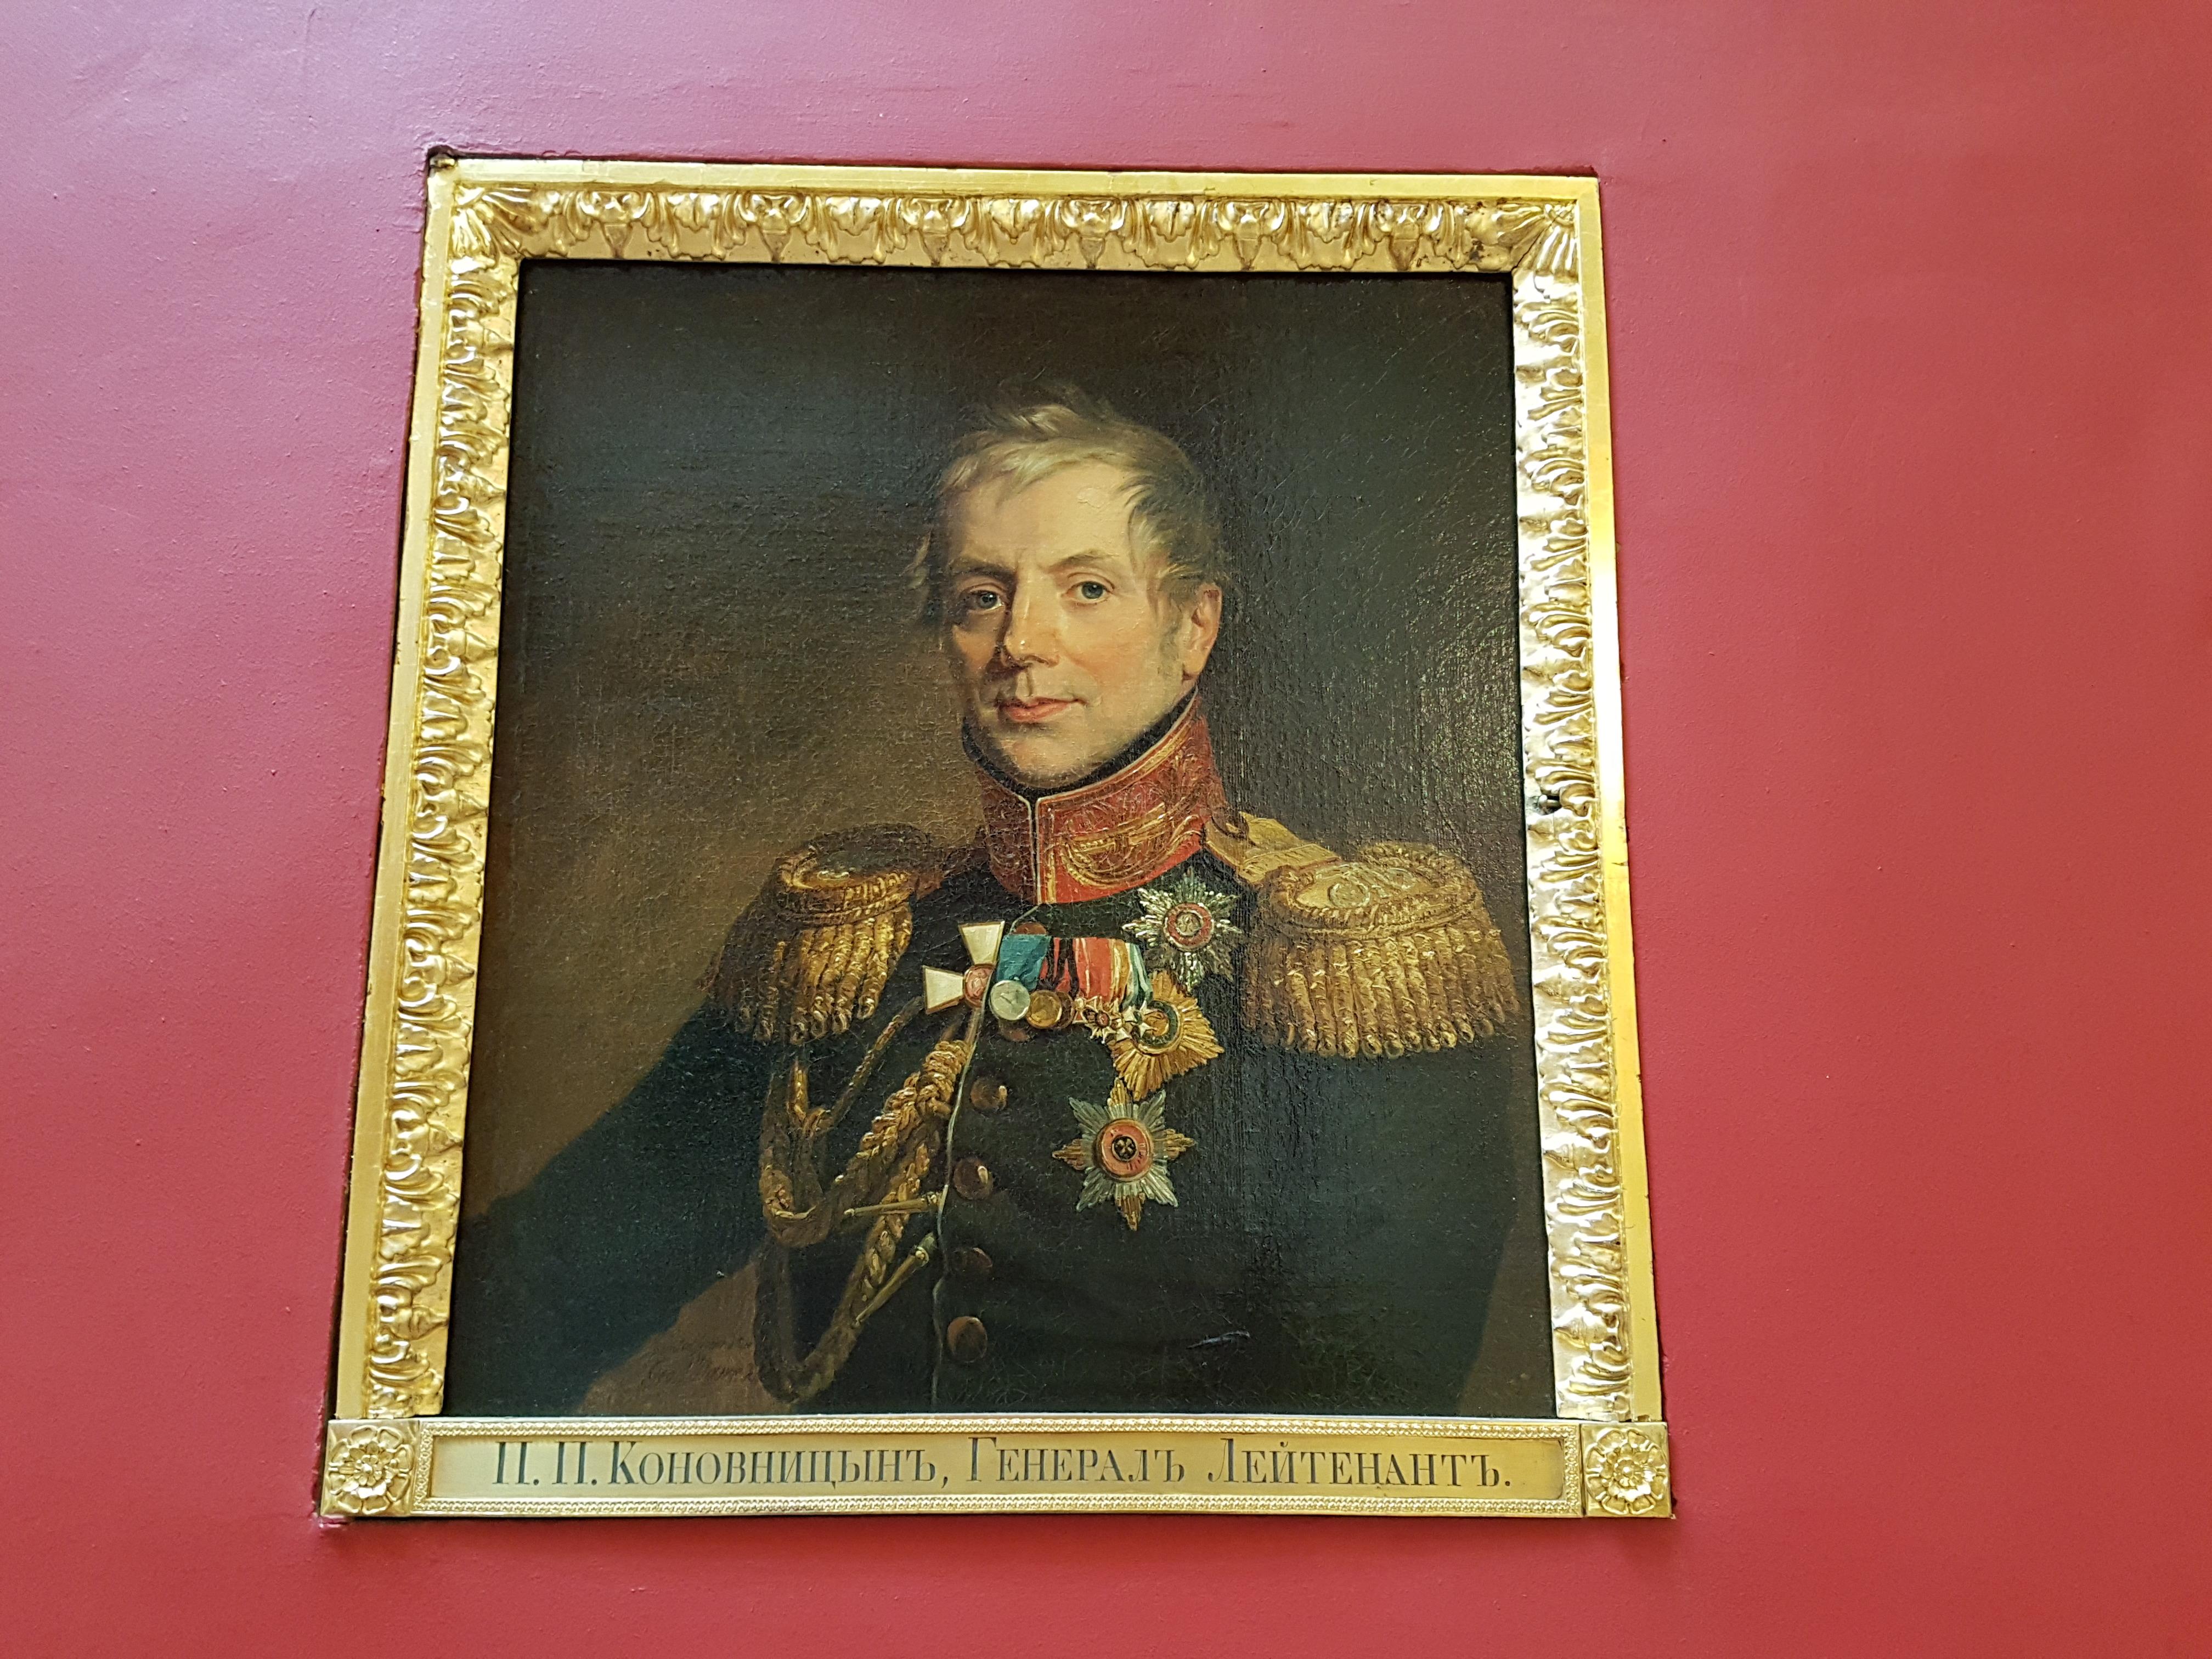 Граф Петр Петрович Коновицын - генерал от инфантерии